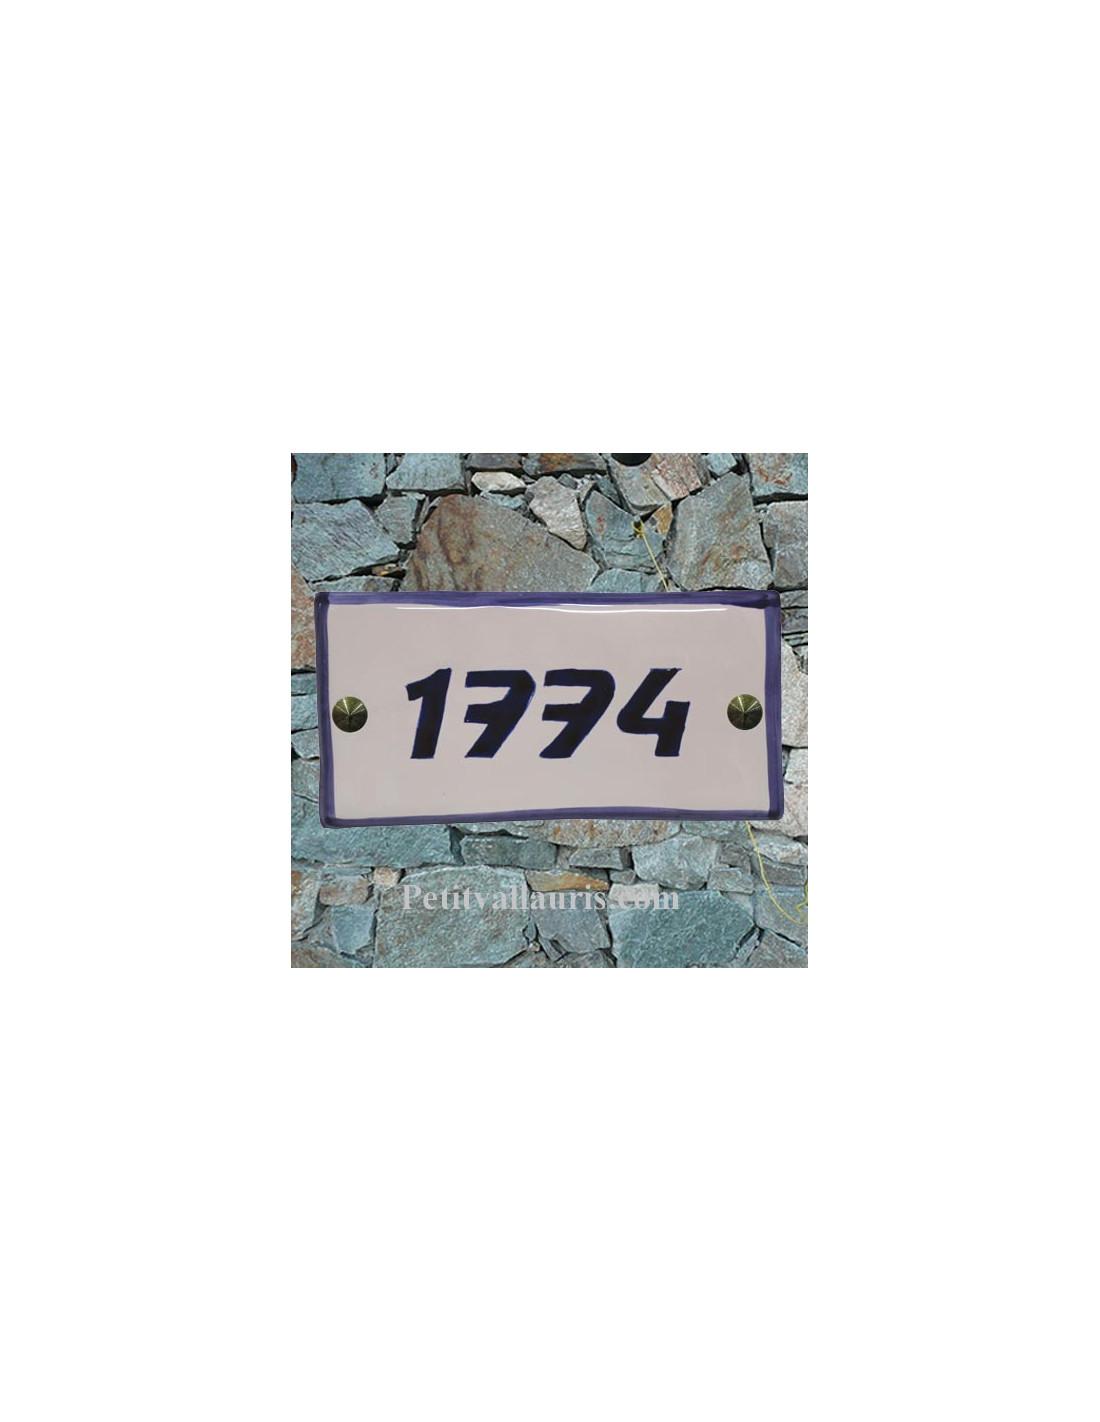 chiffre bleu de porte pour maison et villa d corative en c ramique 10 x 20 cm. Black Bedroom Furniture Sets. Home Design Ideas